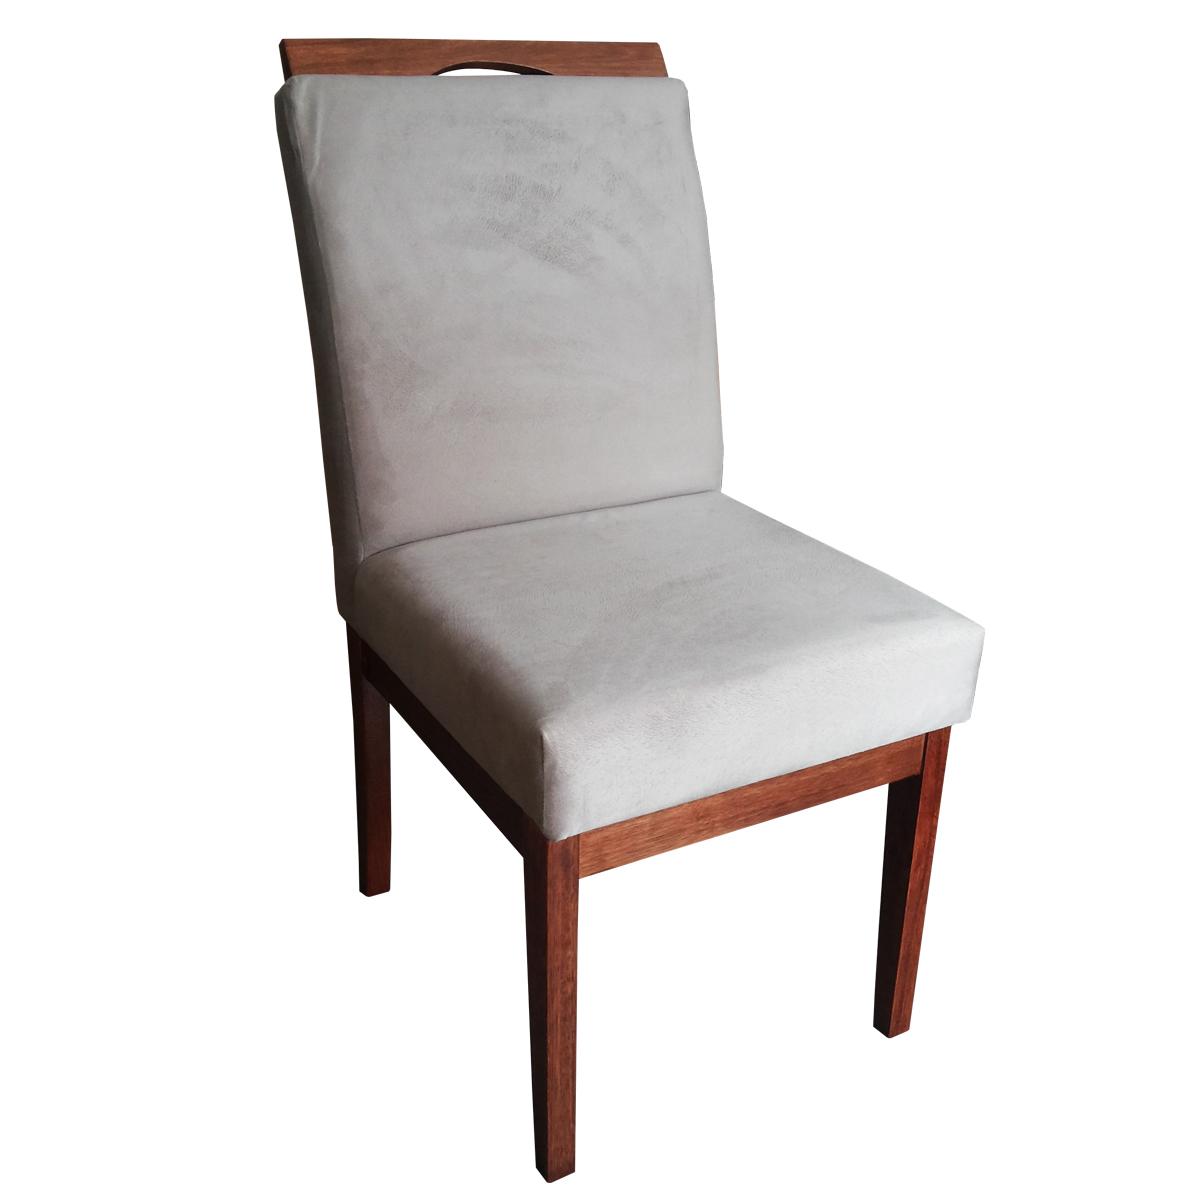 cadeira estofada mercurio cadeira jantar #794030 1200x1200